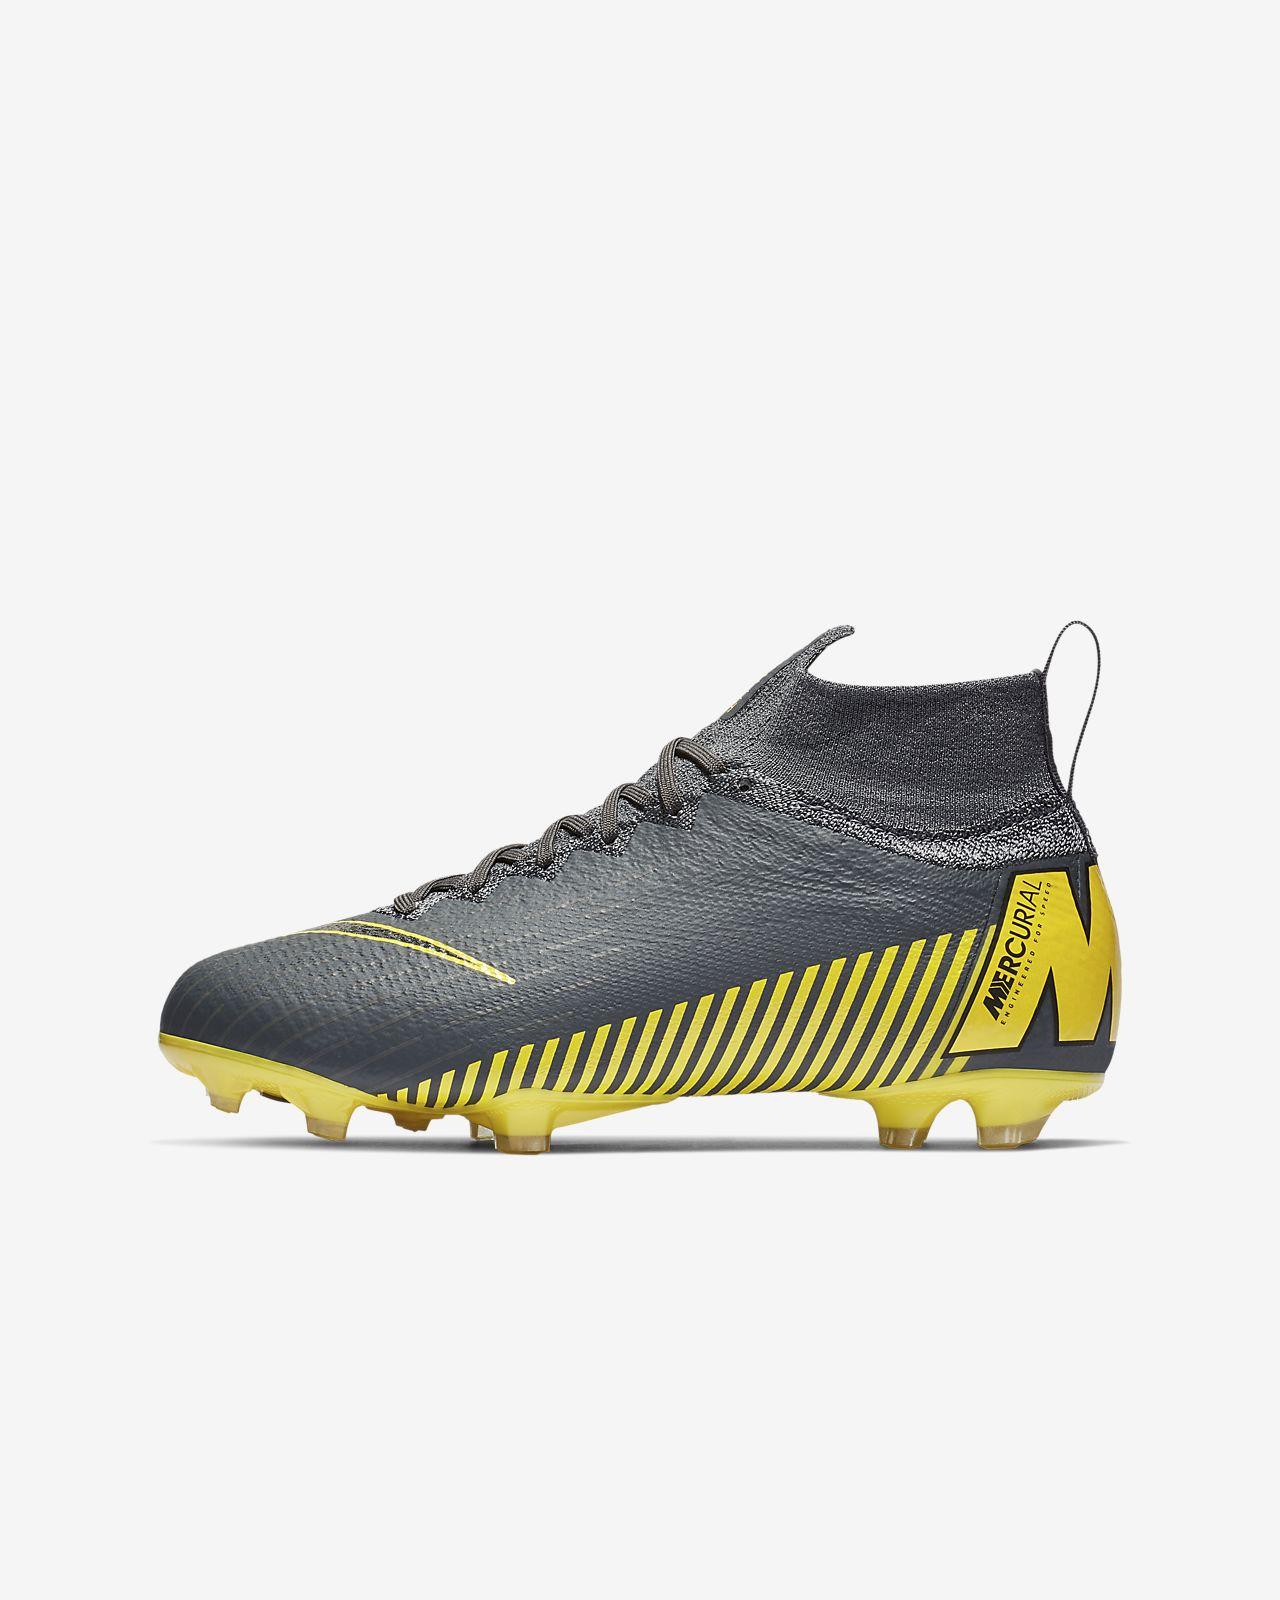 sale retailer 7a500 dbcec ... Nike Jr. Superfly 6 Elite FG Game Over Botas de fútbol para terreno  firme -